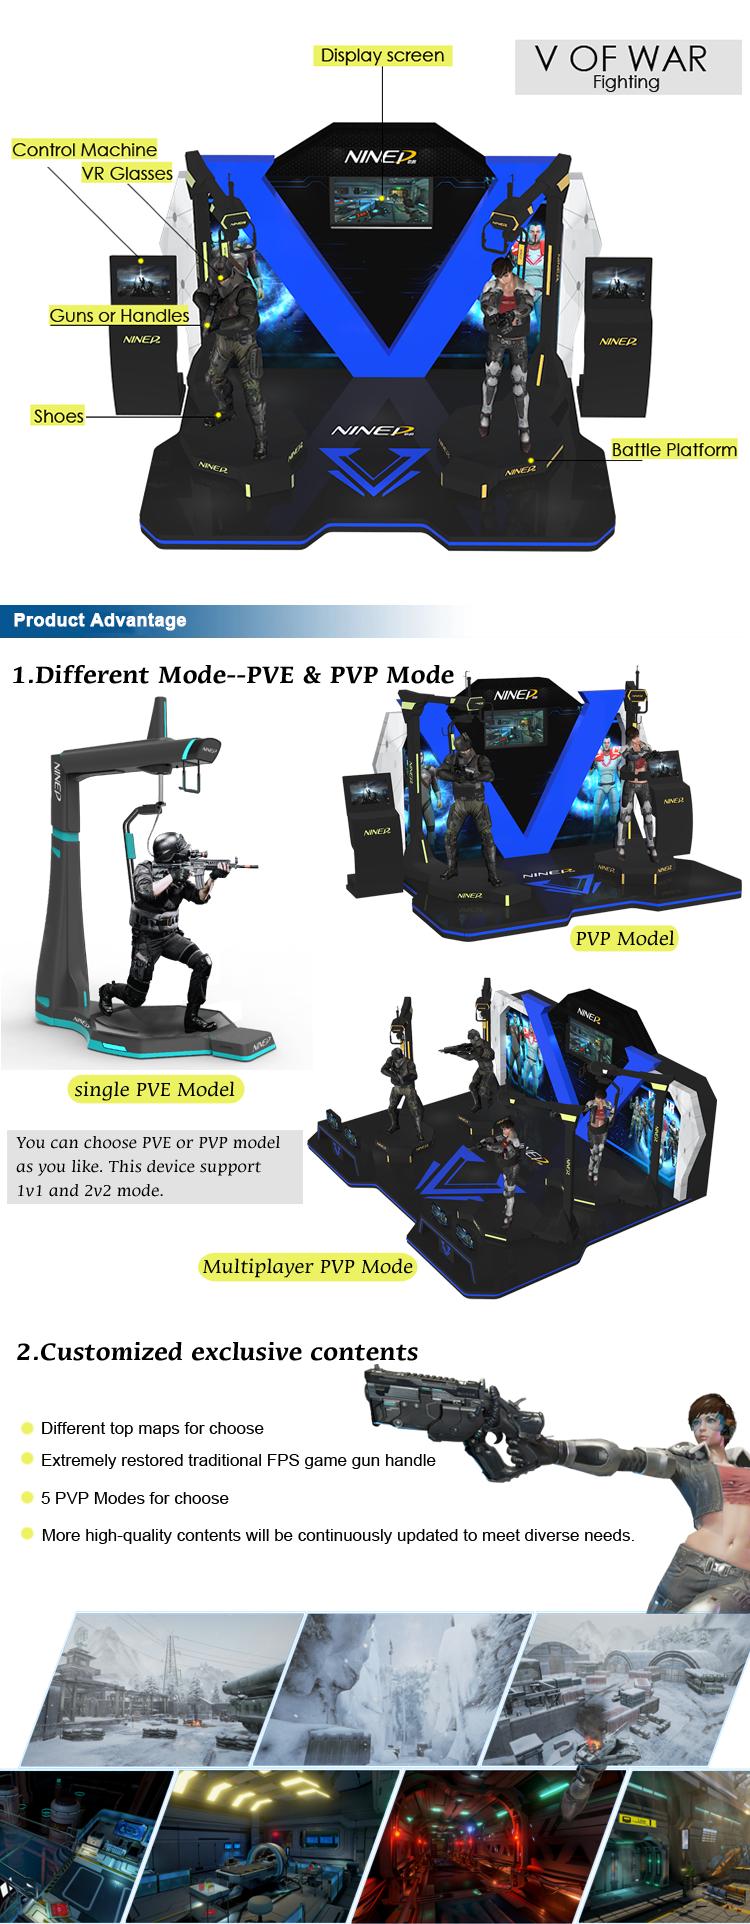 หารายได้เครื่องเกม 9dvr วอล์คเกอร์ Flight Simulator VR เกมยิง VR Walker Kat Walk VR กับ Vive 9dVR แว่นตา